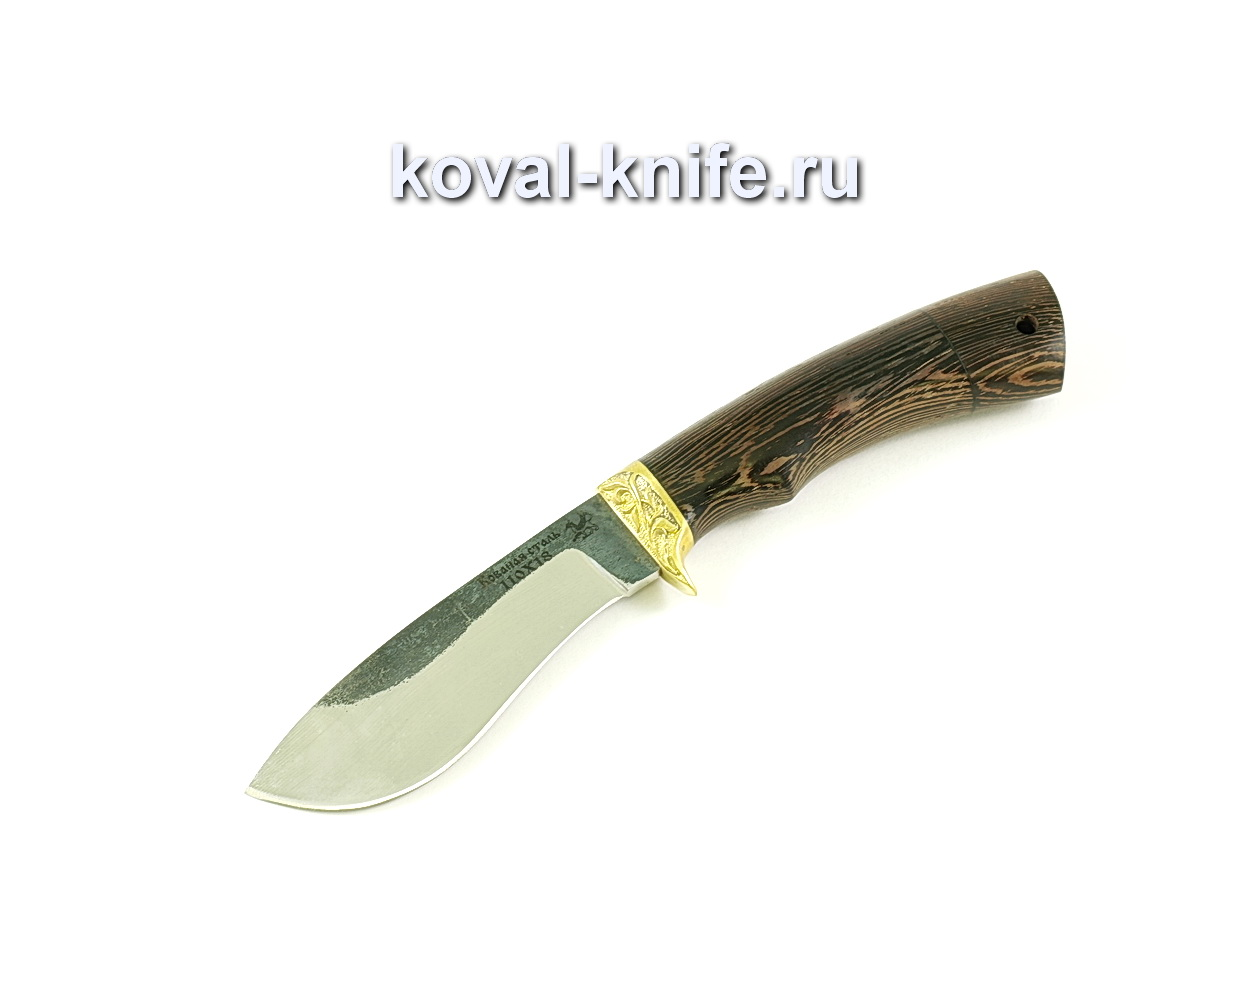 Нож Носорог (сталь 110х18), рукоять венге, литье A035